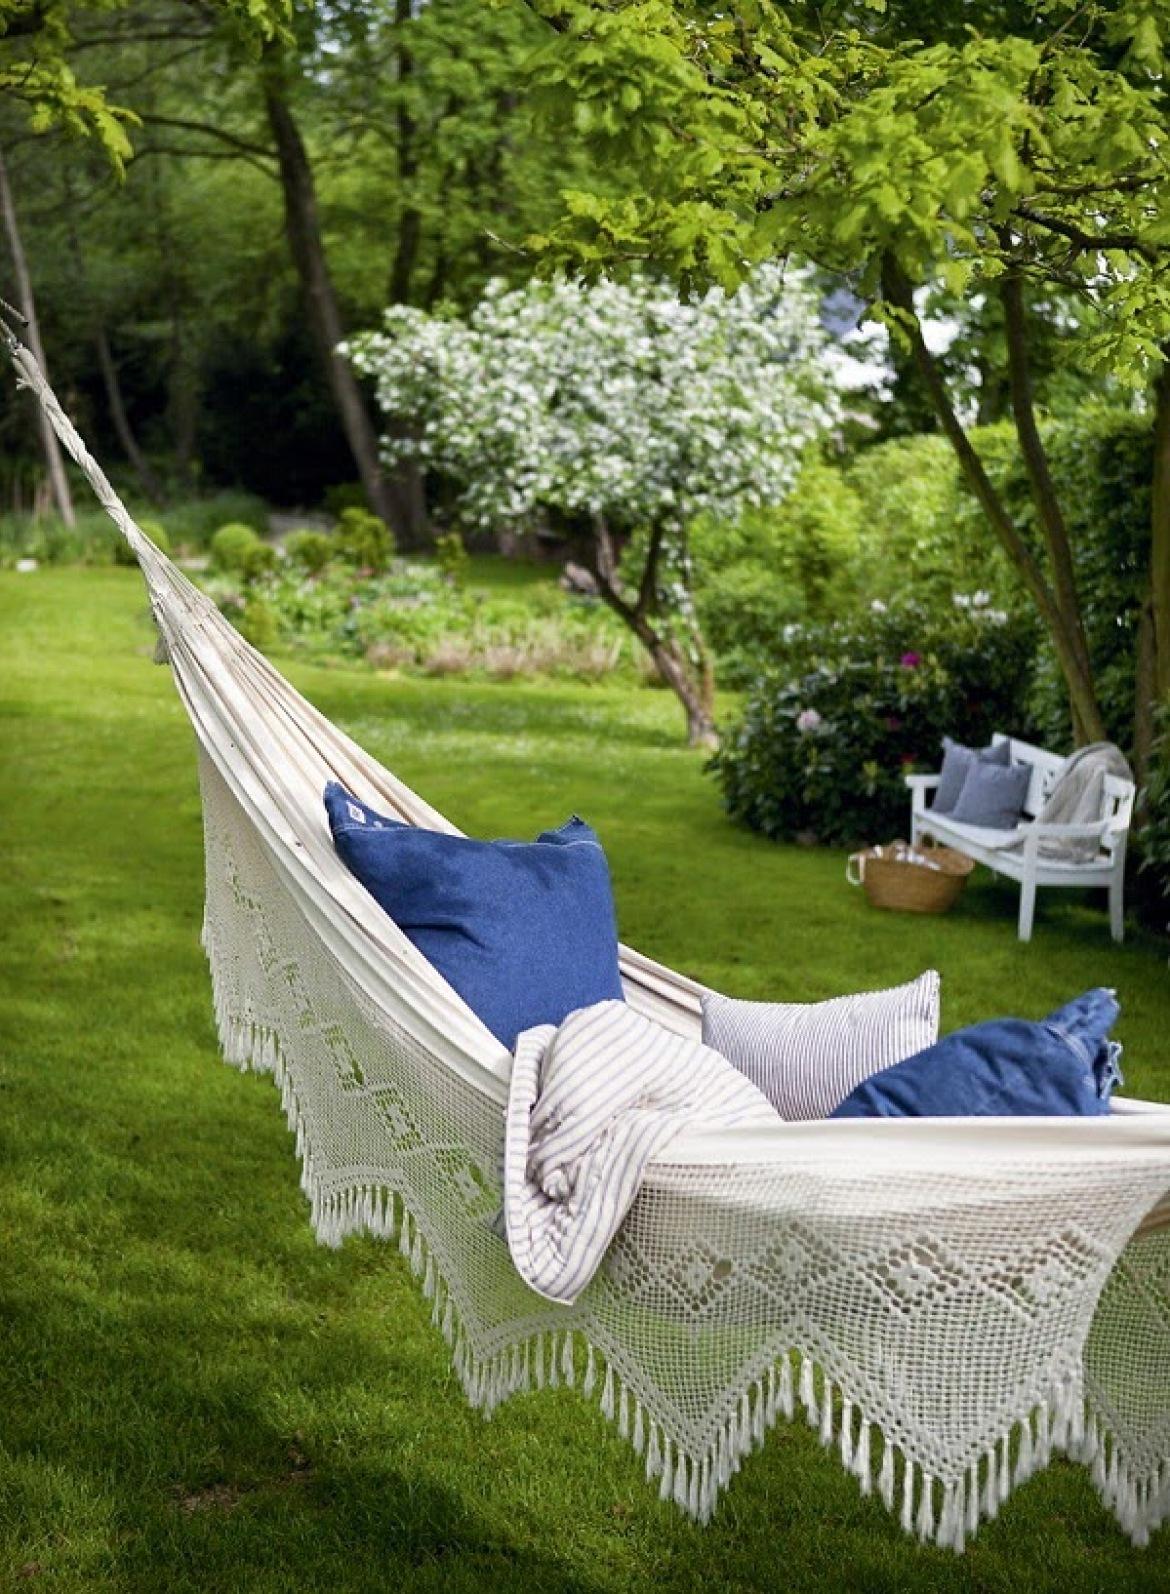 cómo decorar un jardín pequeño y cómodo, preciosa jamaca colgada en el jardín, suelo con césped y banco de madera